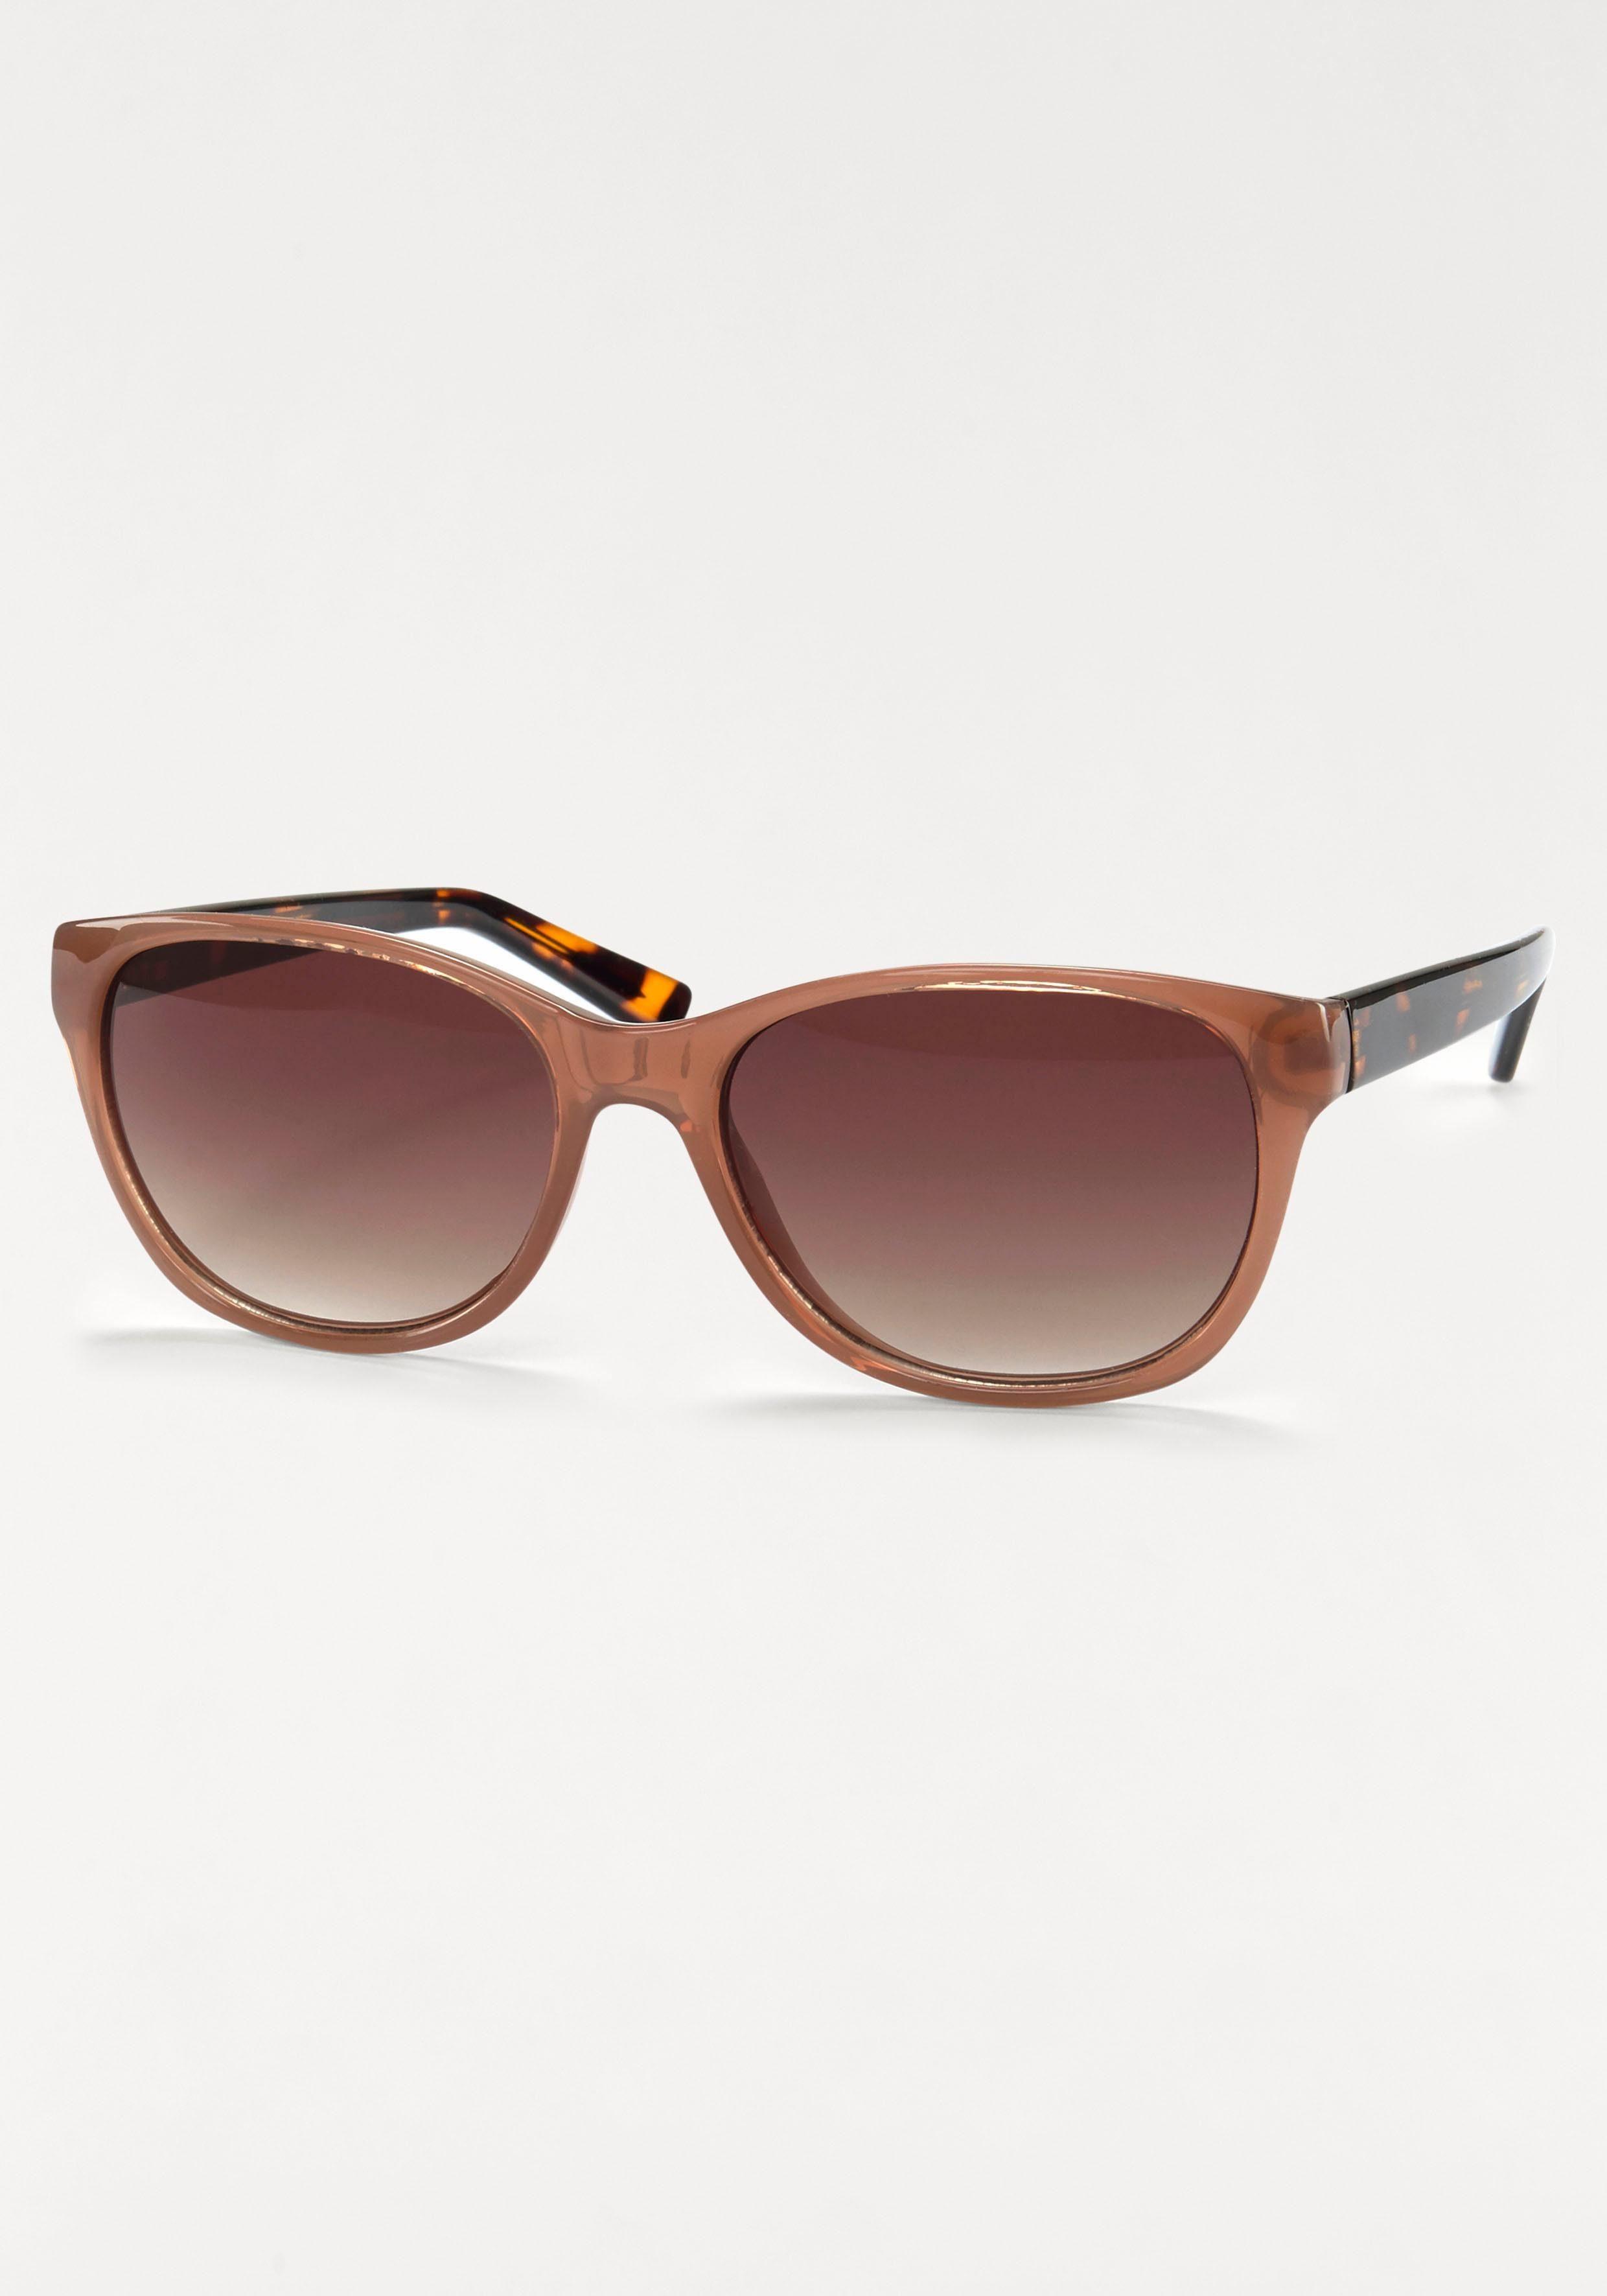 Sonnenbrille Bügel mit Leo Print, leichte Butterflyform